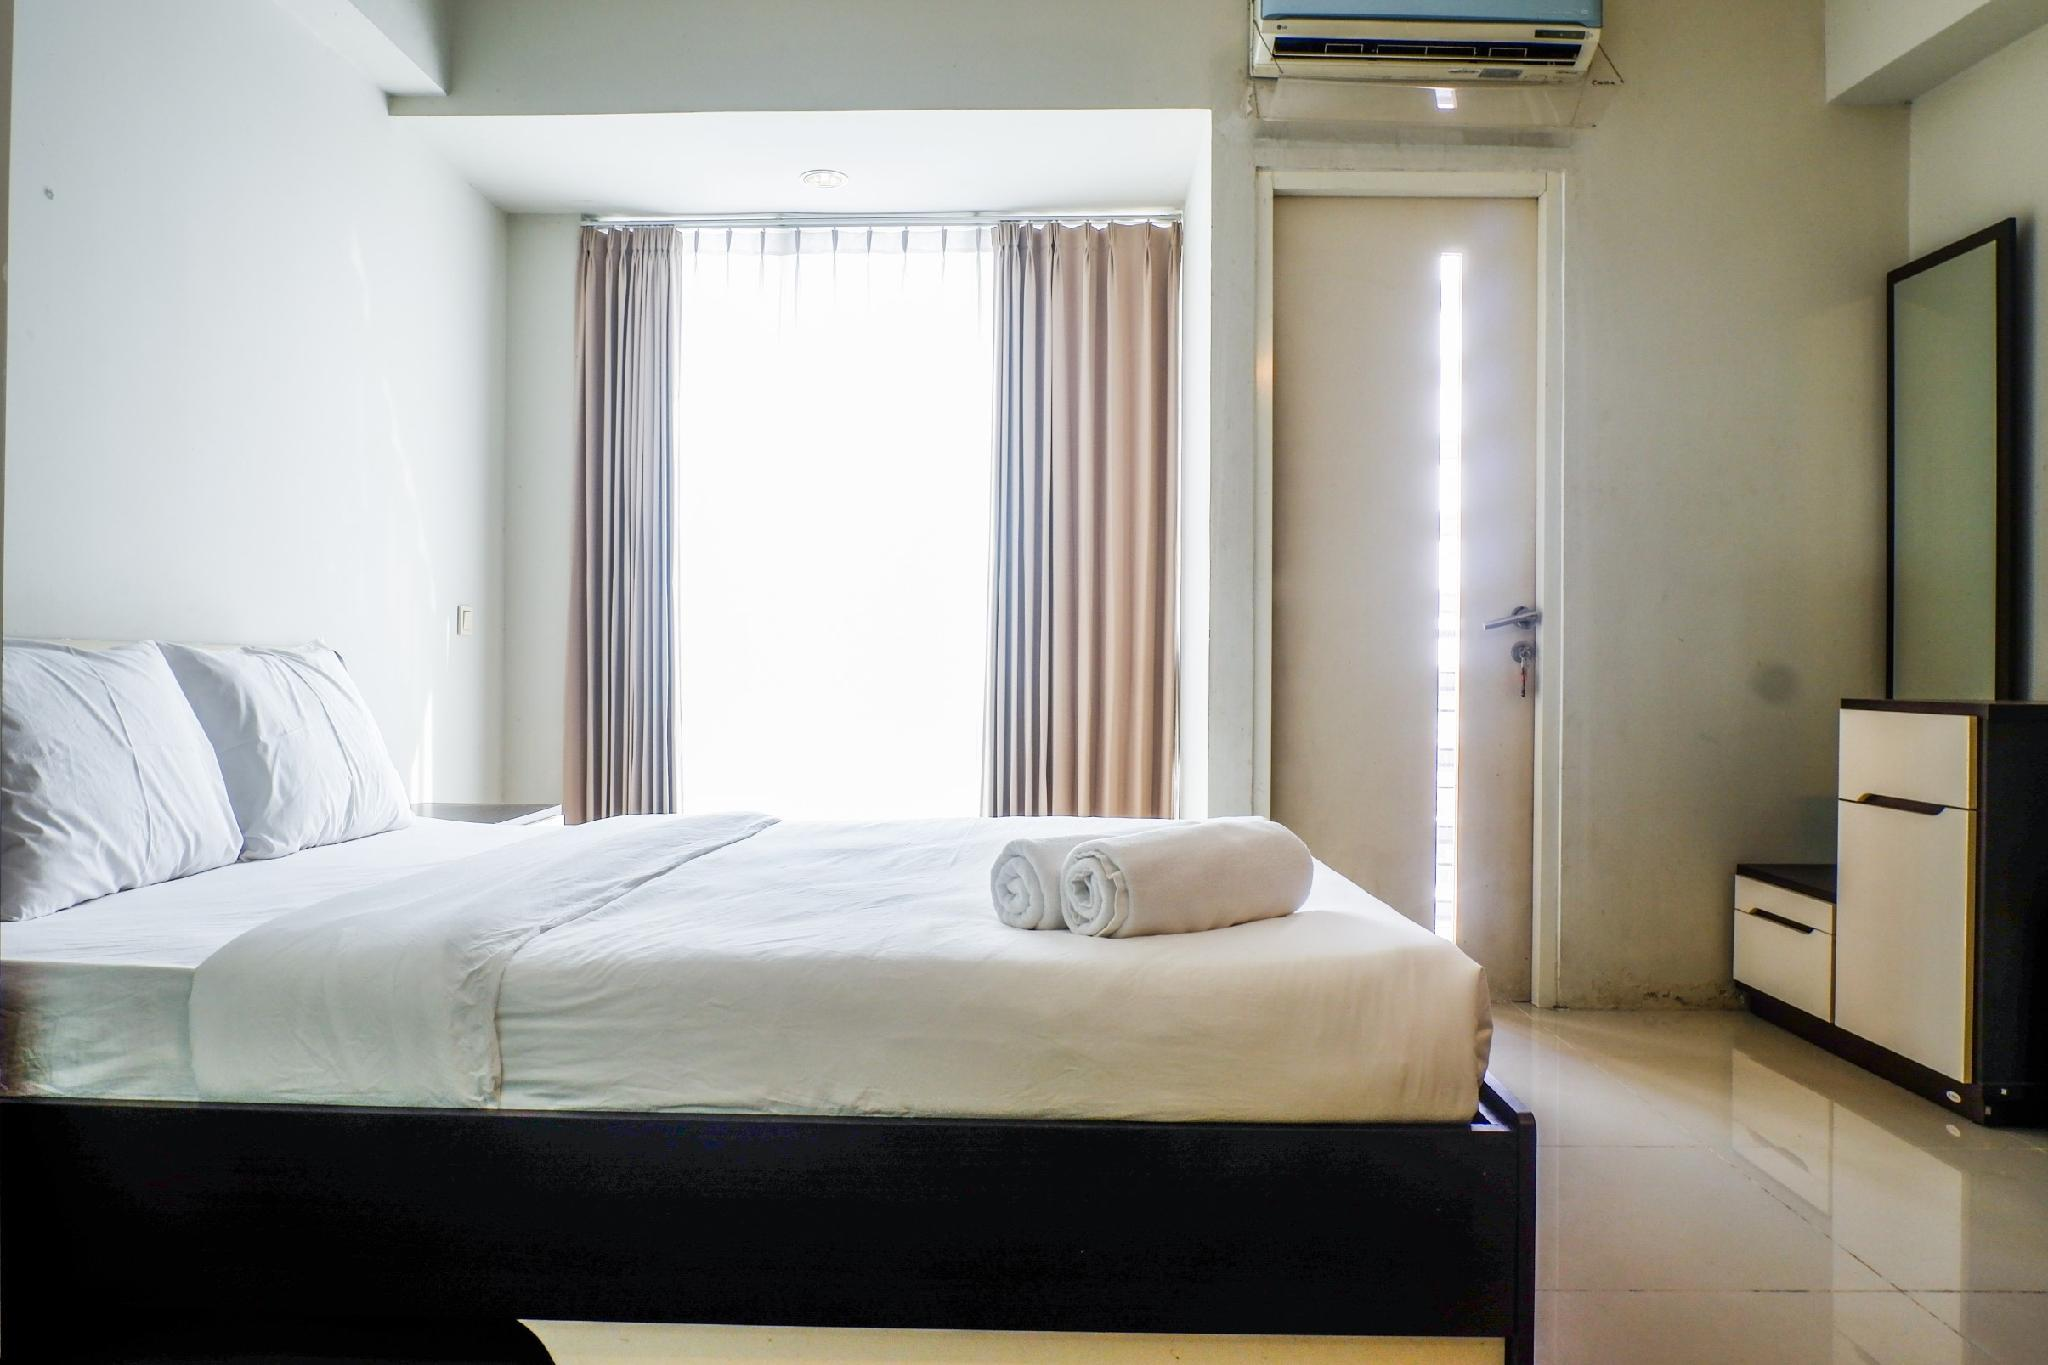 Studio Suite Room At The Square Apt By Travelio